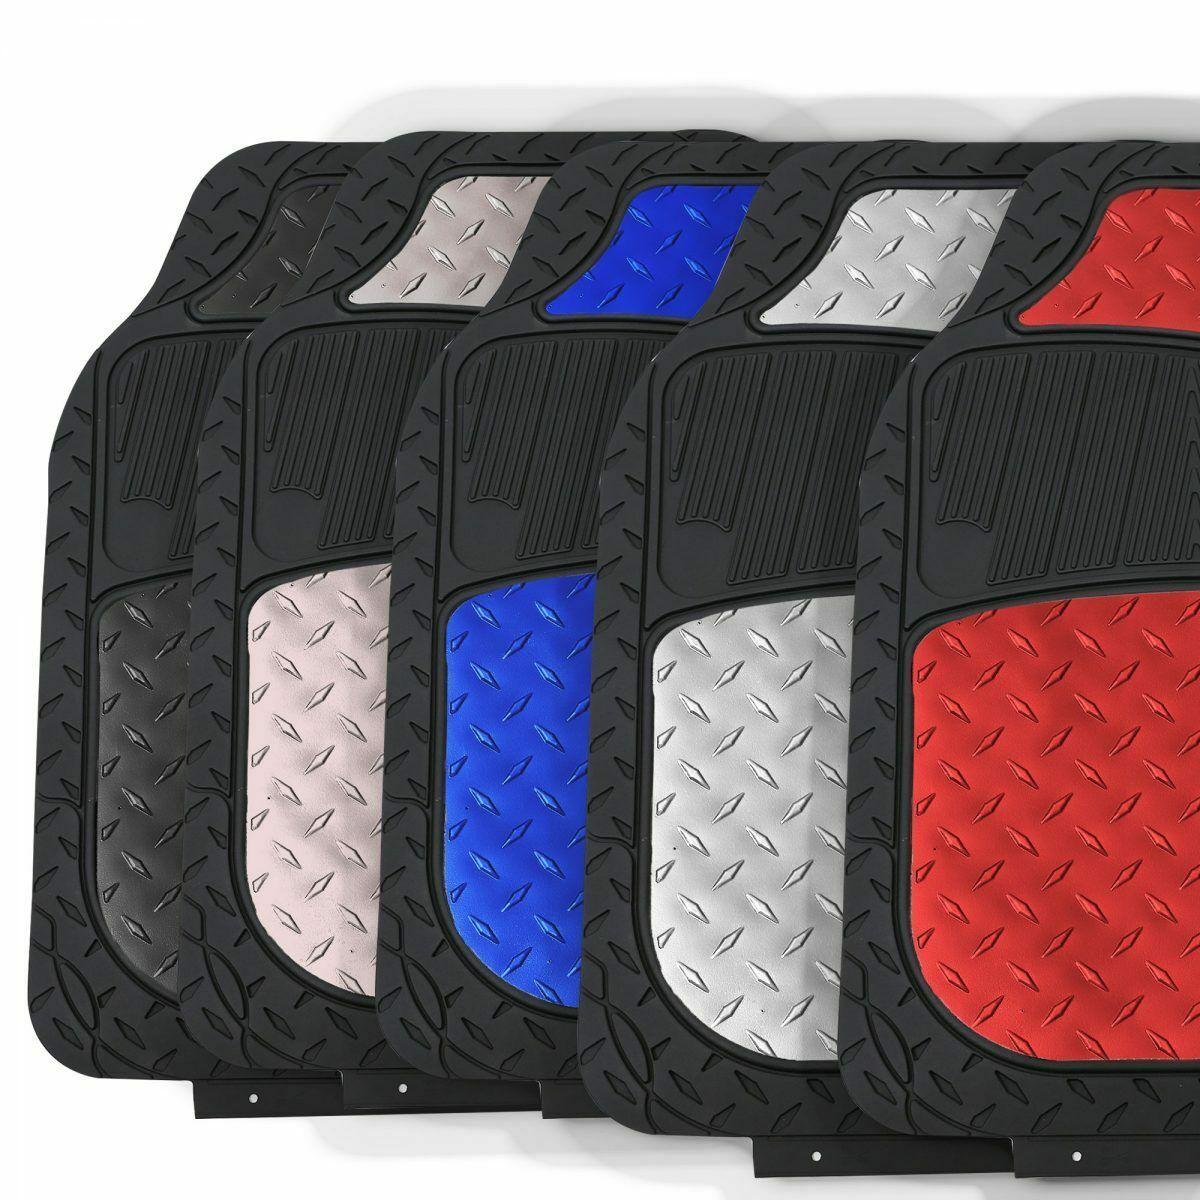 Car Floor Mats Metallic Rubber Mats Universal For Auto Car Suv Van 5 Colors Ebay Car Floor Mats Floor Mats Rubber Mat